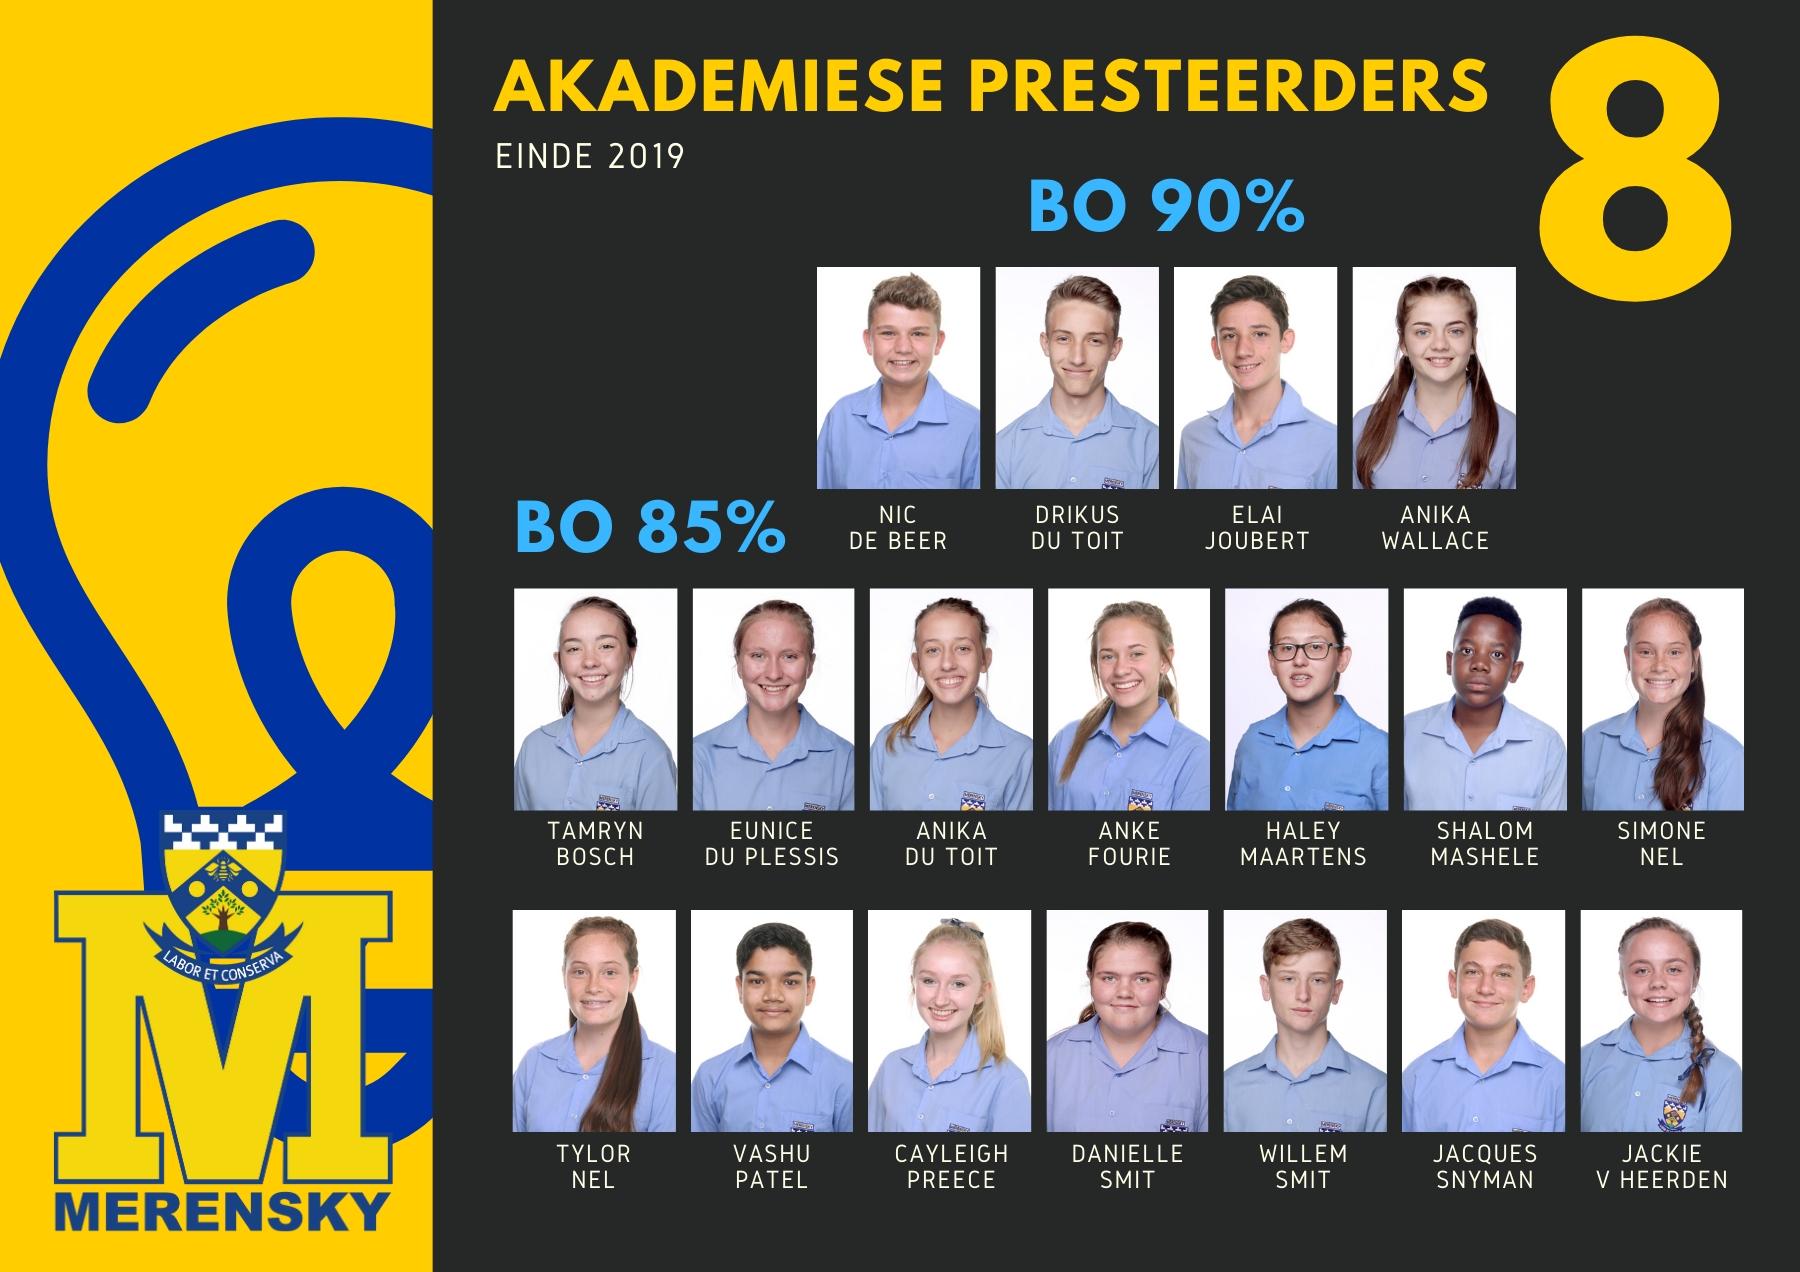 Gr 8 Akademiese Presteerders